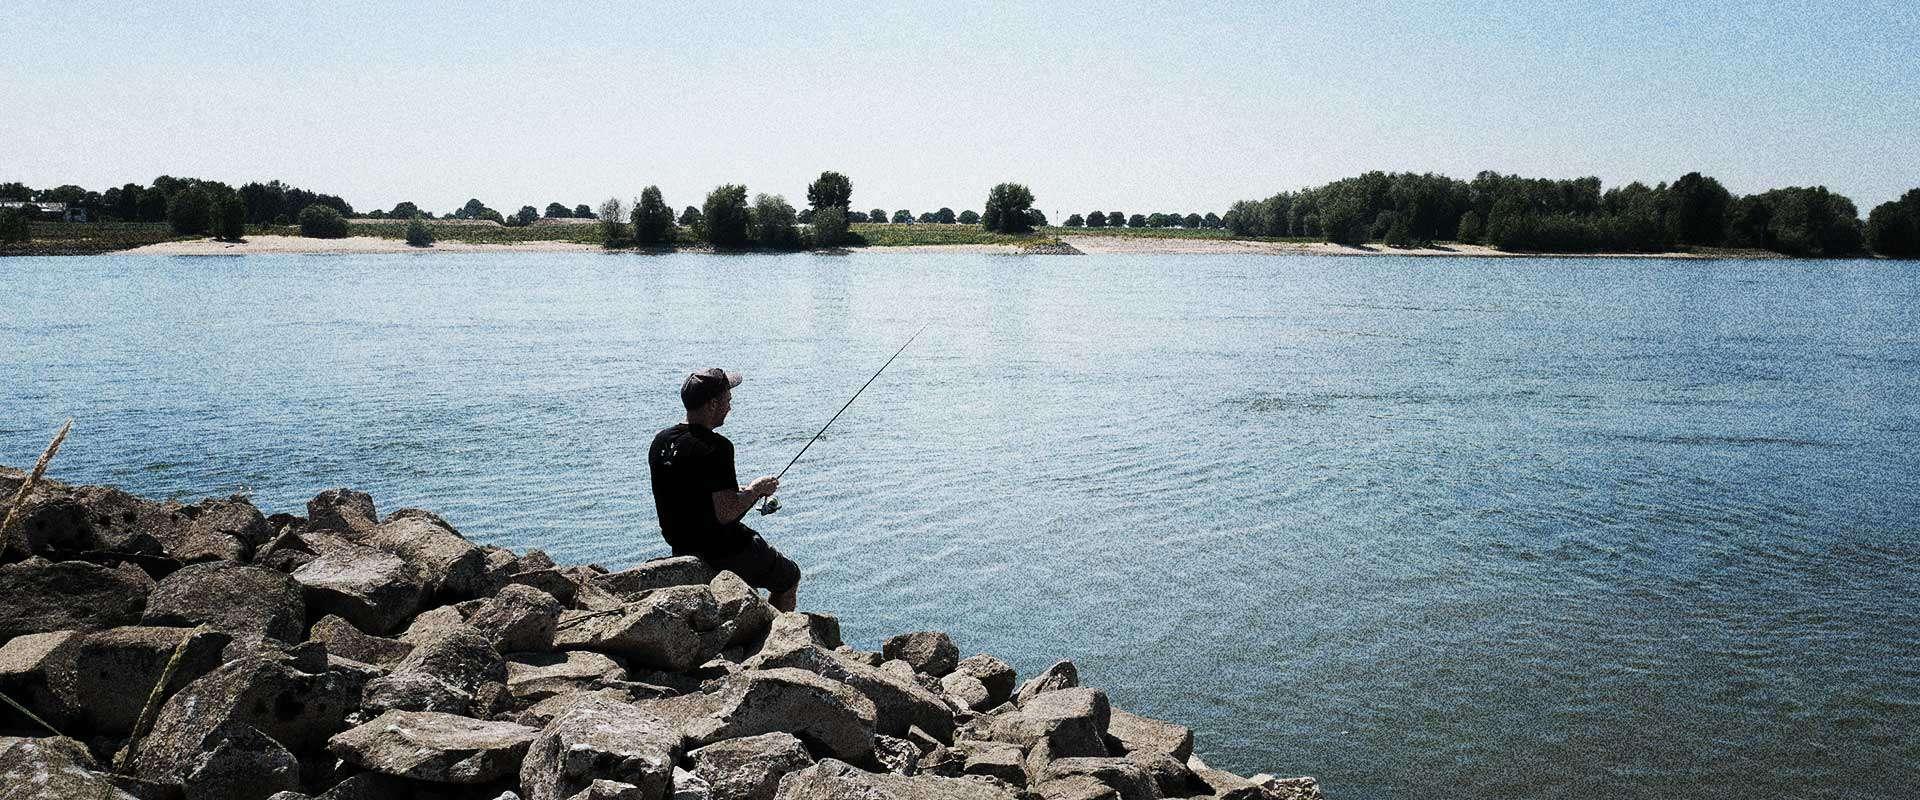 Zanderangeln im Sommer am Fluss mit Gummifisch